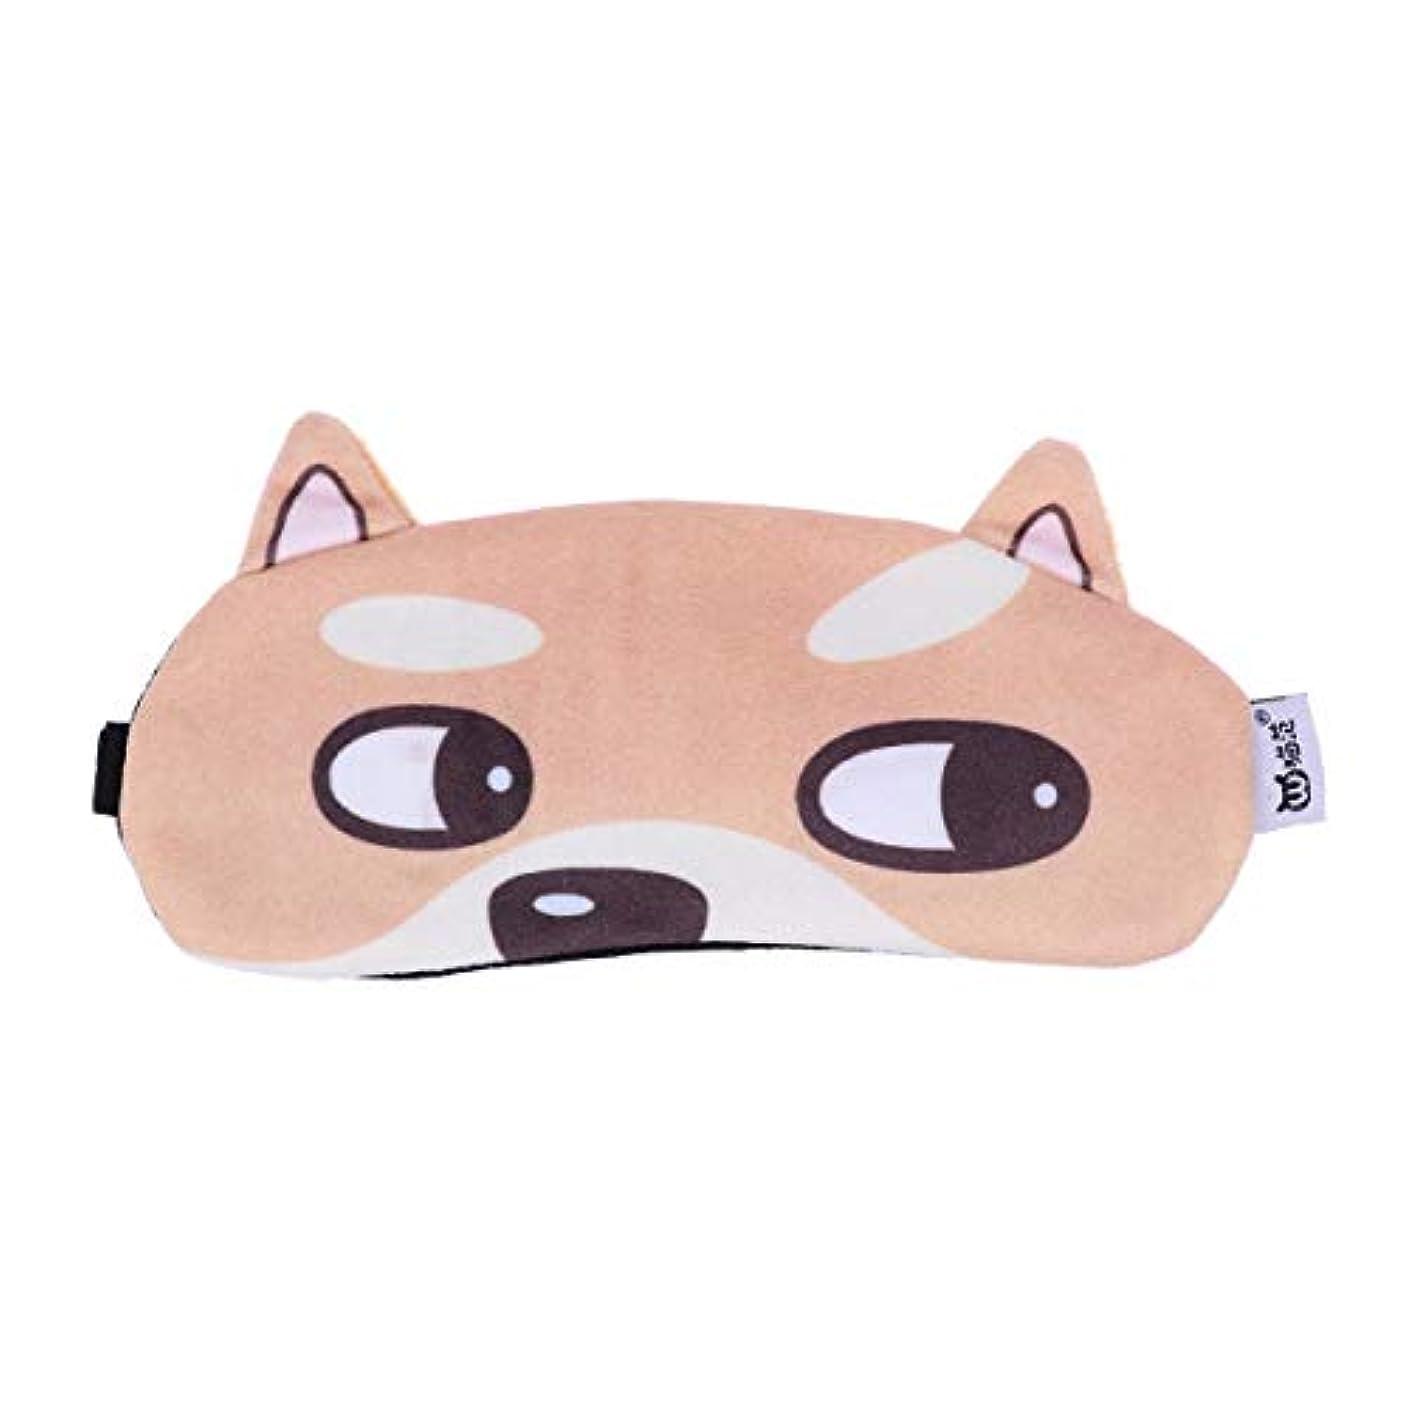 望まない金銭的バーターHealifty アイマスク ゲル アイスパッド アイスアイマスク 目隠し リラックス 冷却 パック 再使用可能 目の疲れ軽減 安眠 血行促進(犬)